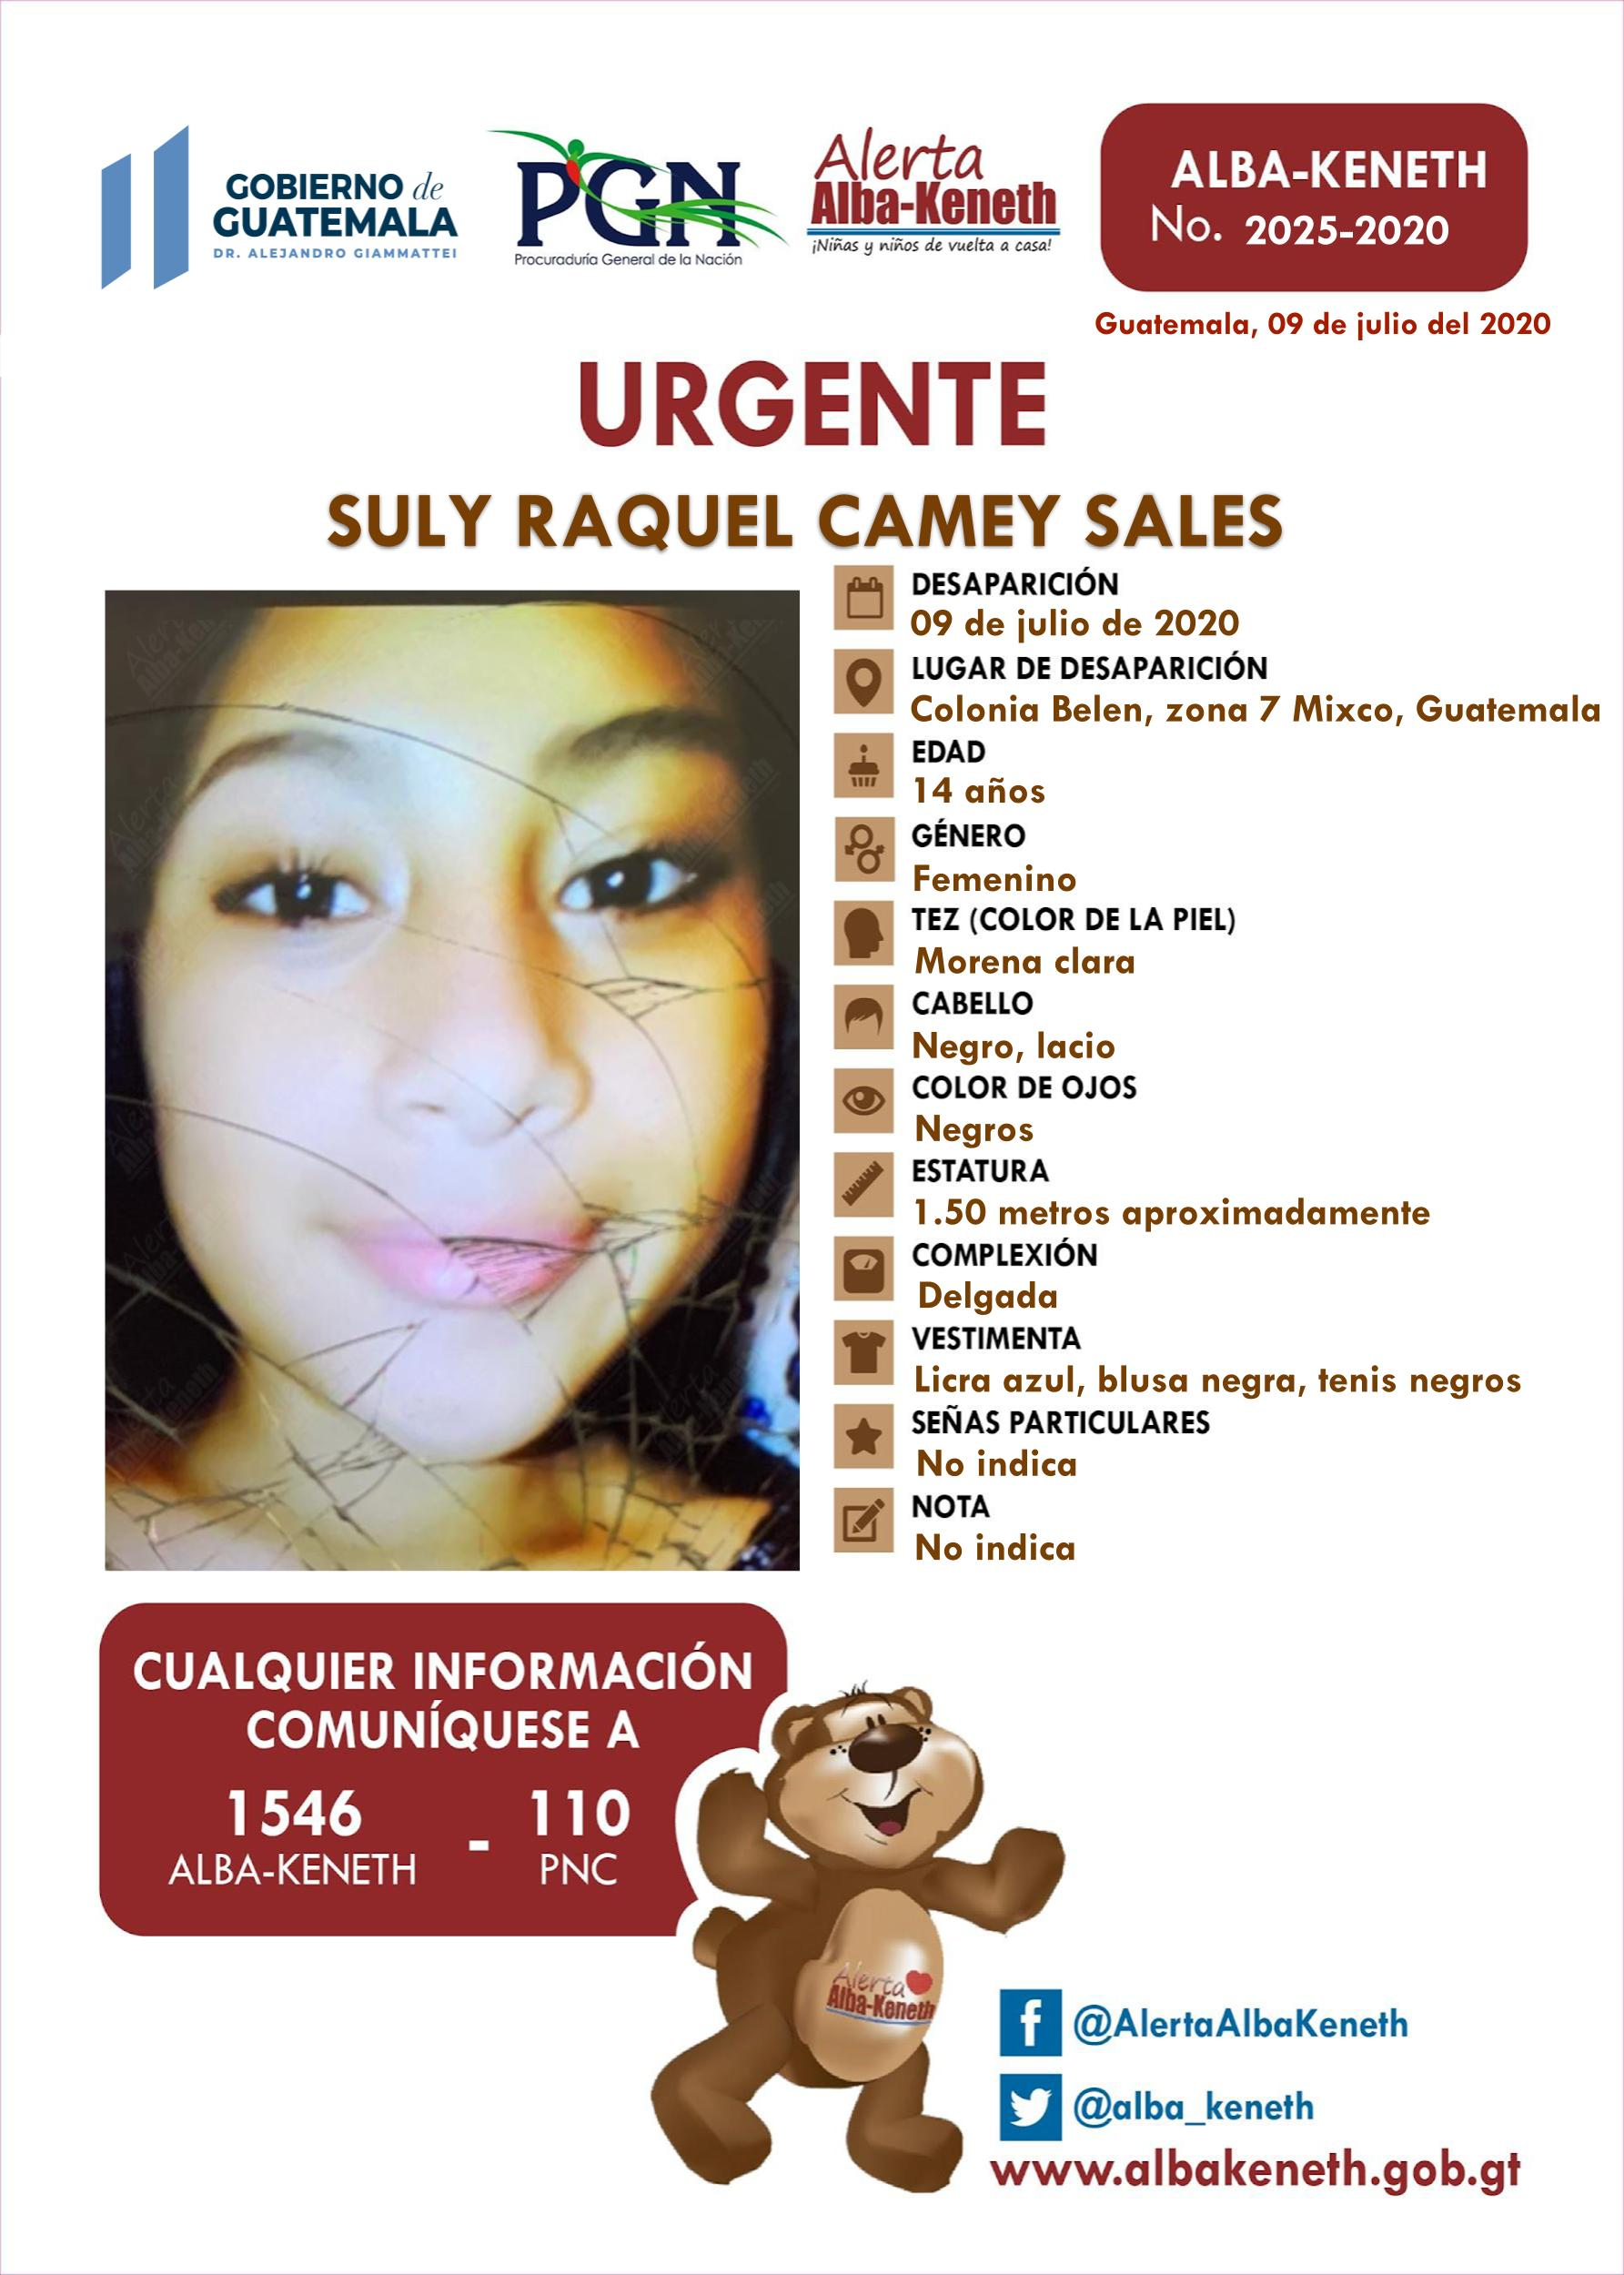 Suly Raquel Camey Sales